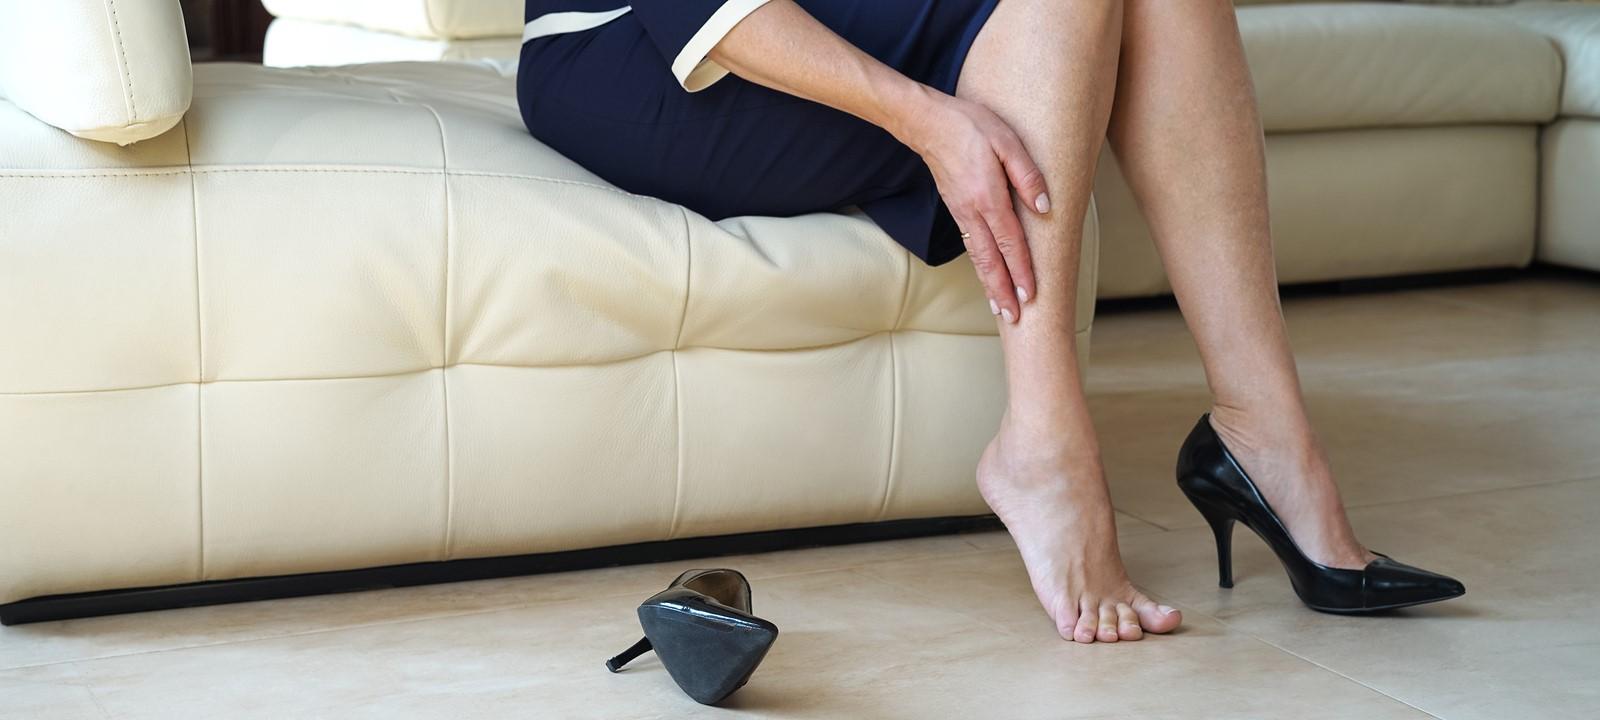 Bokasérülések otthoni kezelése